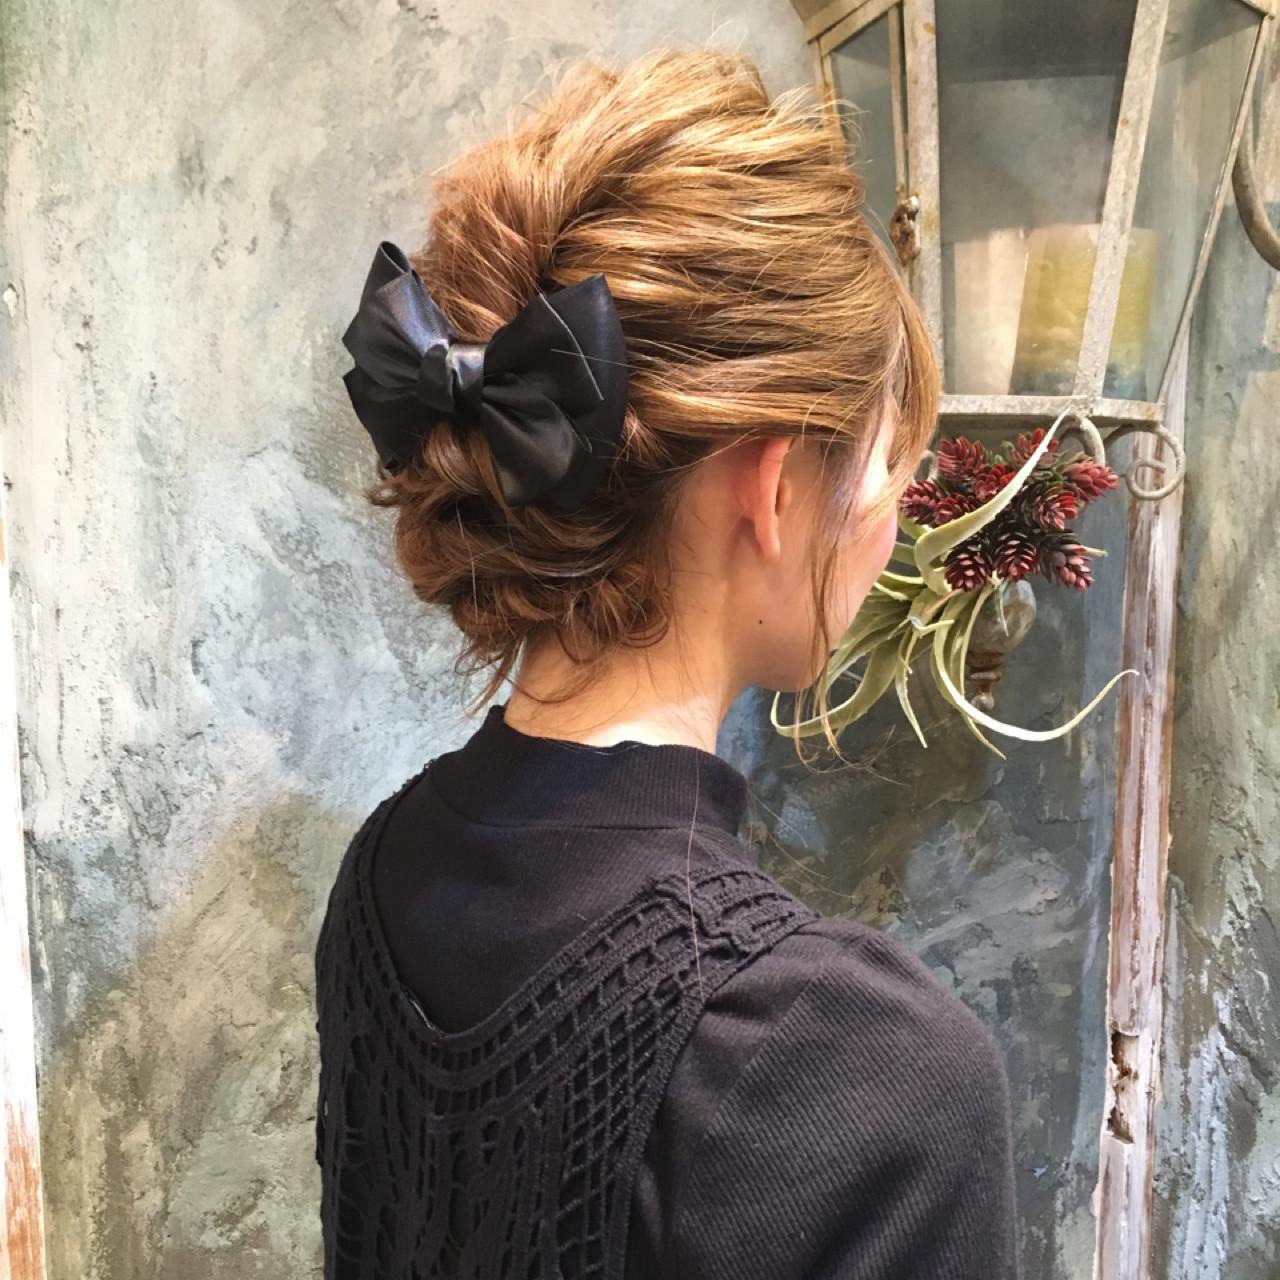 ヘアアレンジ ショート 簡単ヘアアレンジ ハーフアップ ヘアスタイルや髪型の写真・画像 | 西川 賢一 blast / blast